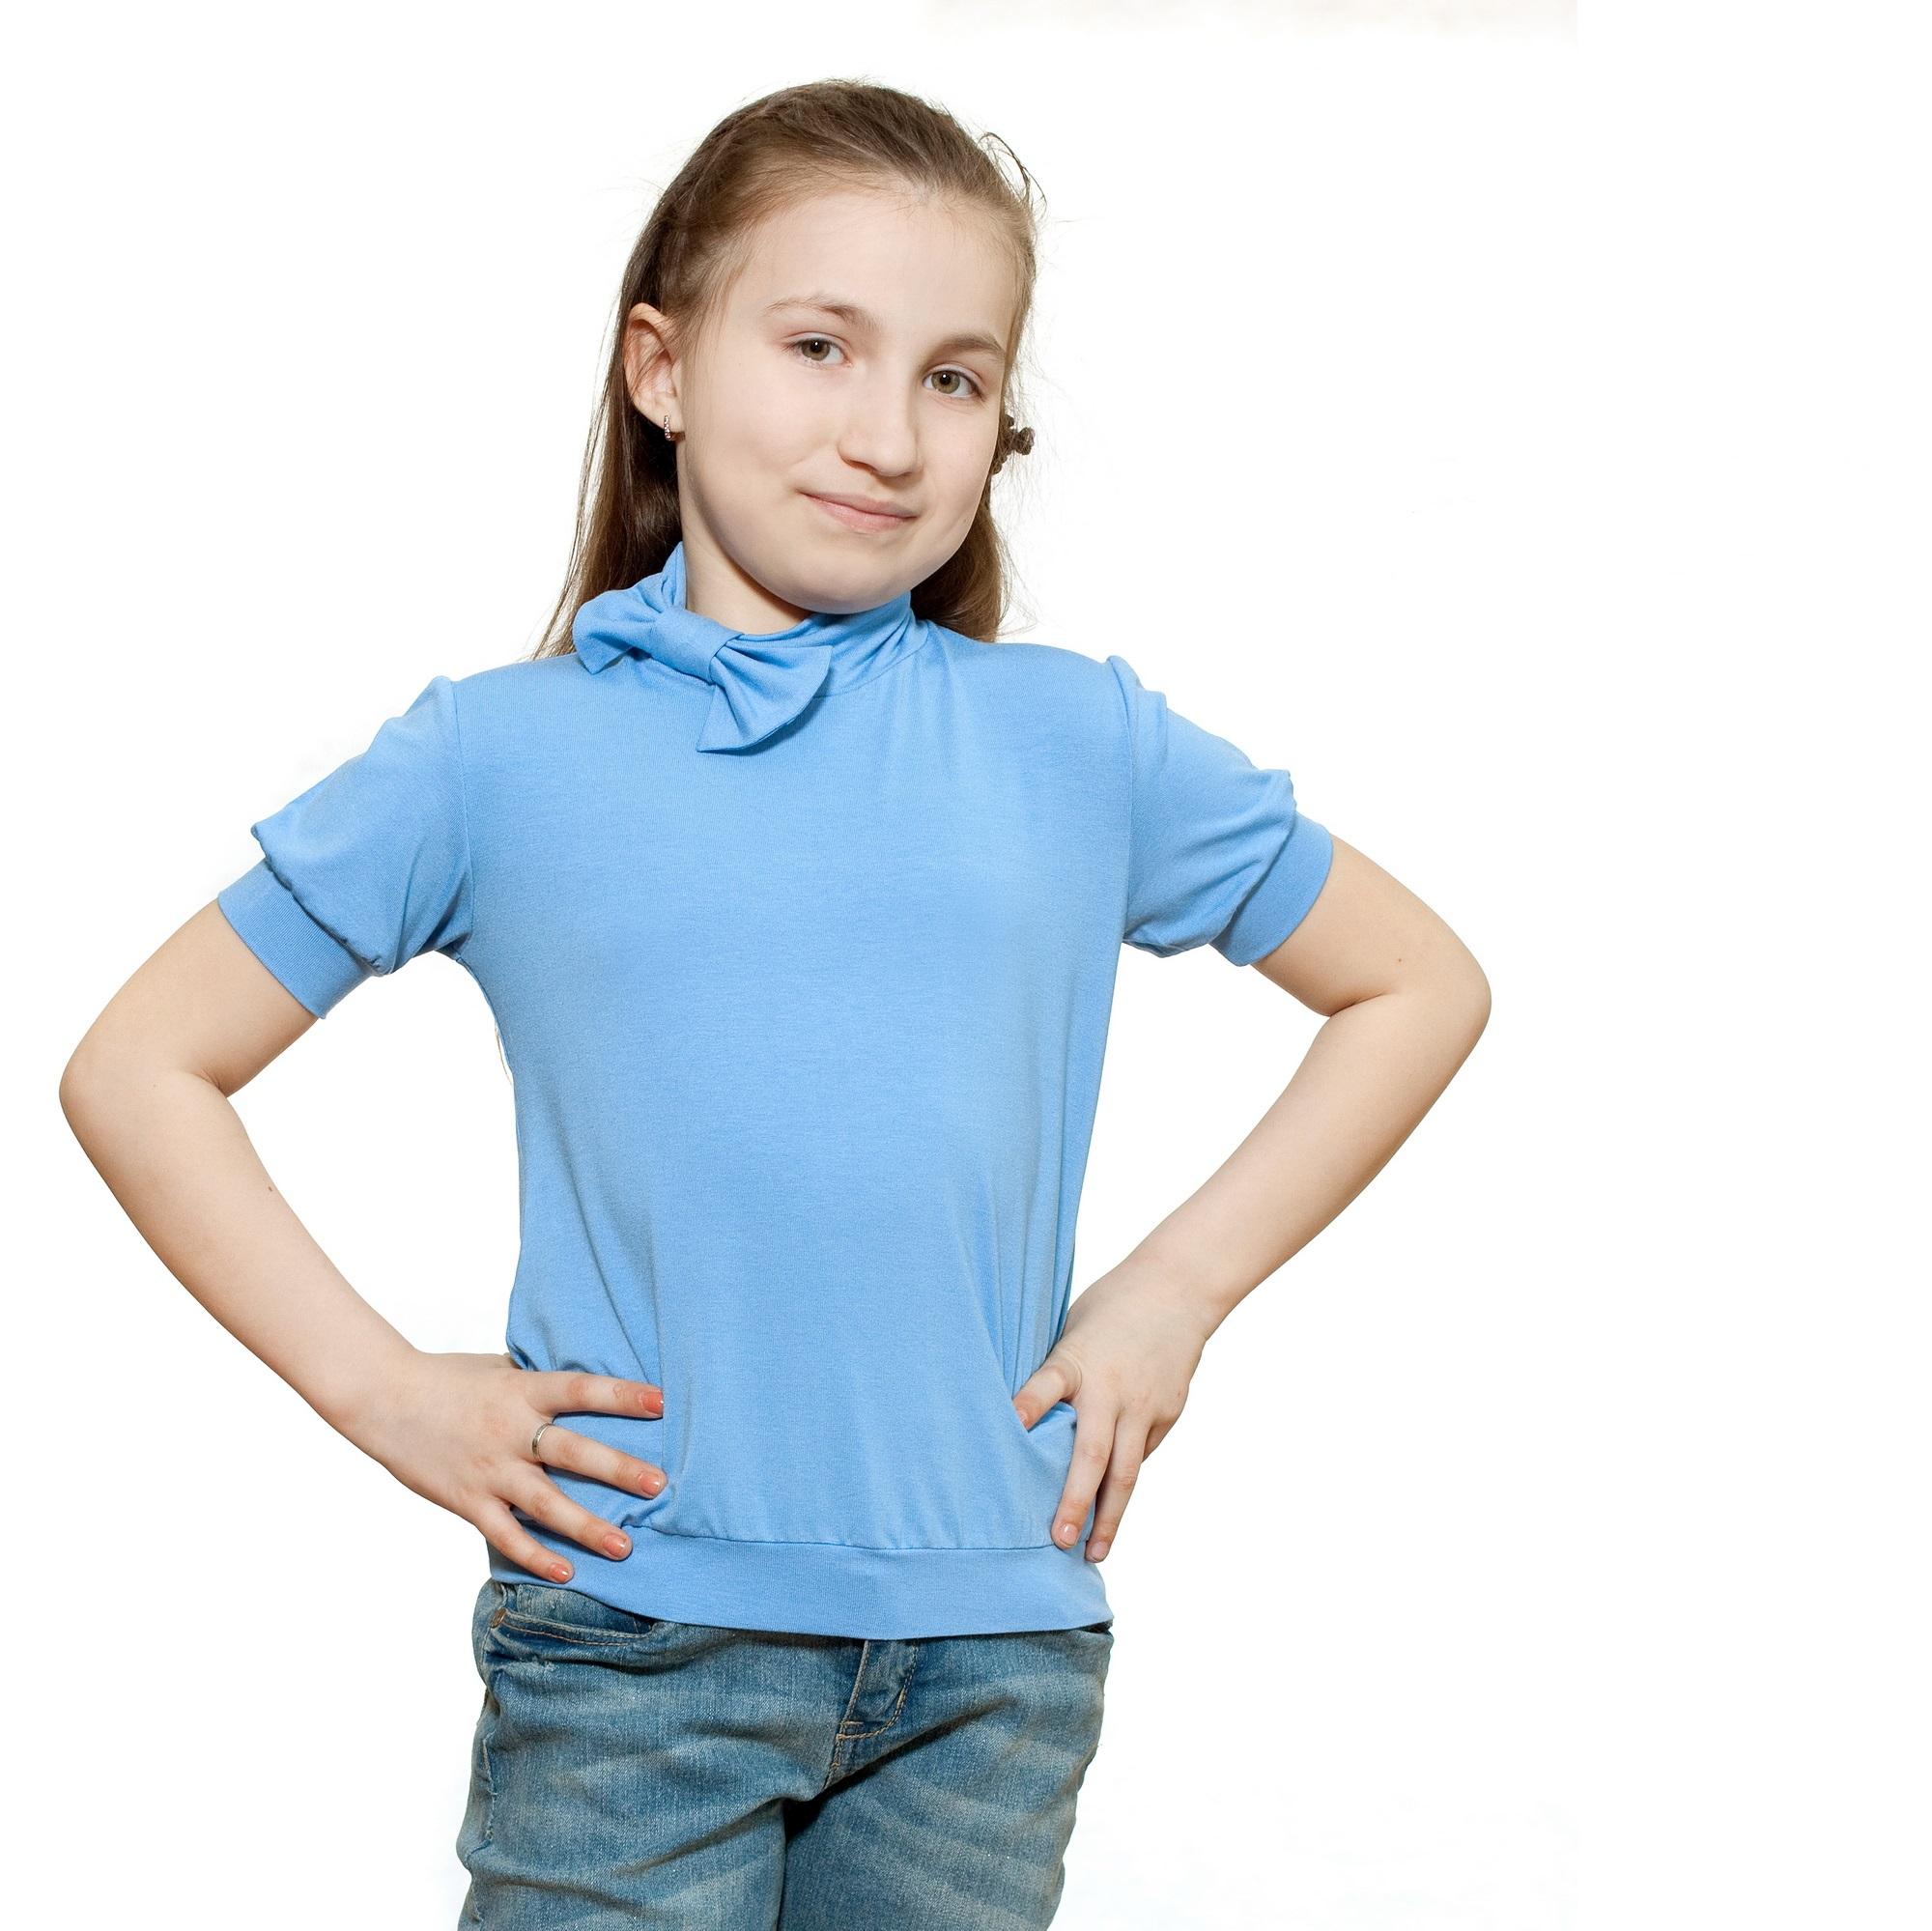 Детская одежда для школы 11